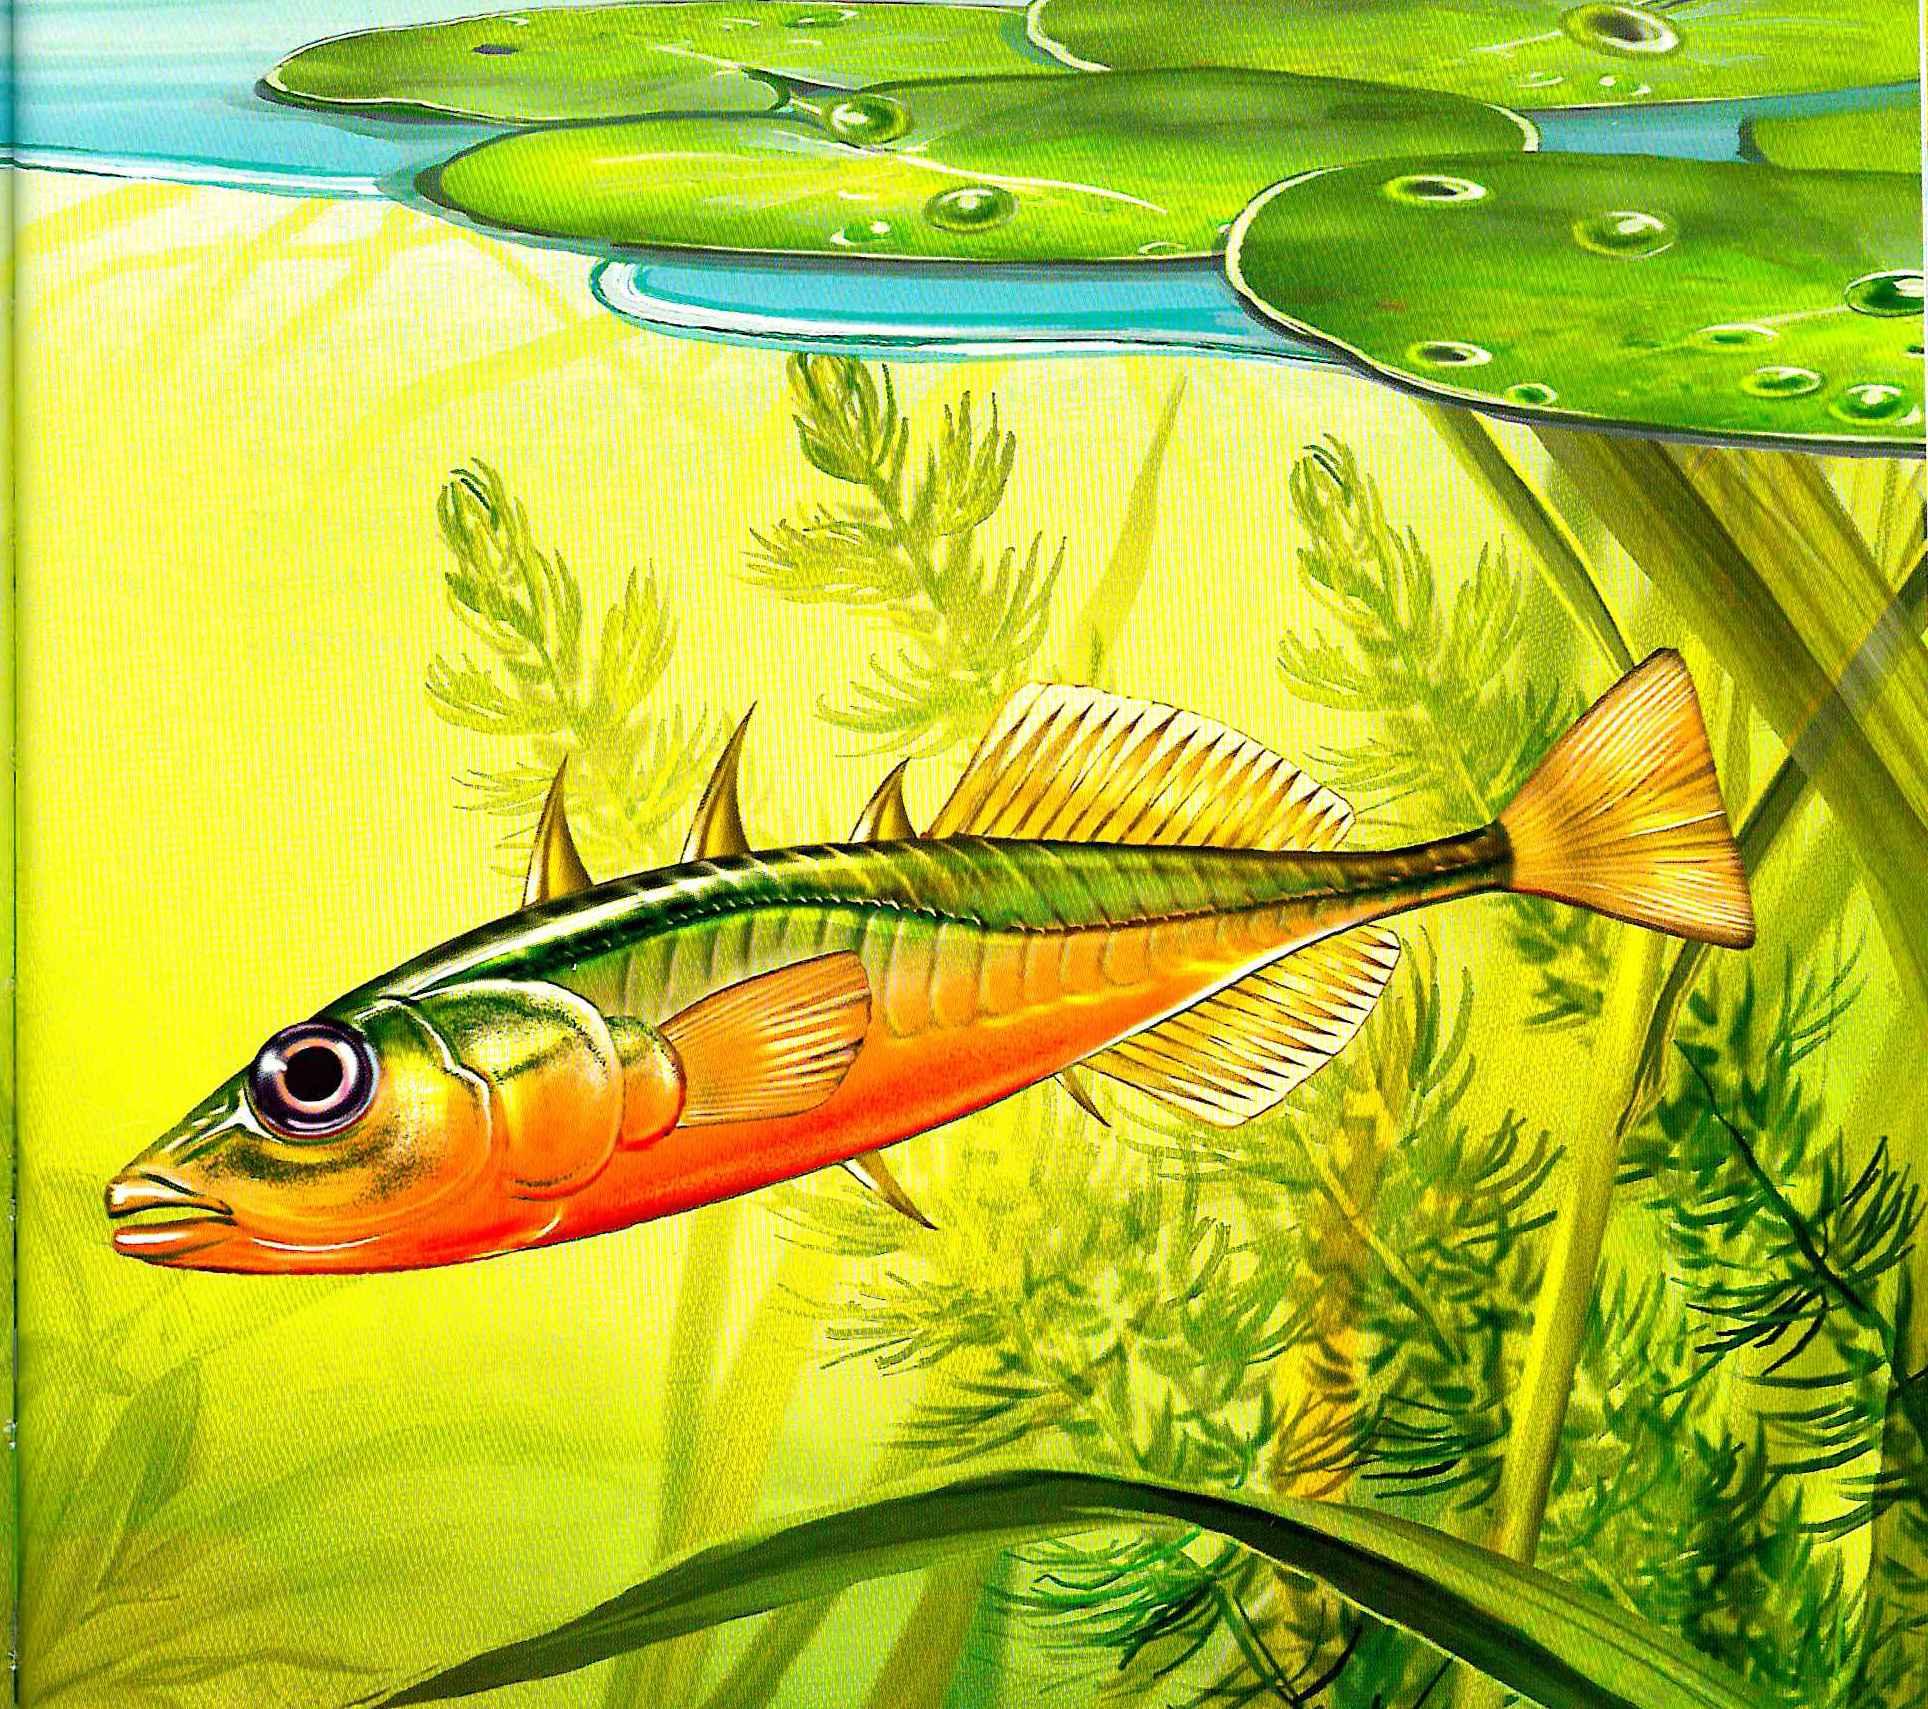 Трехиглая колюшка: описание рыбки, места обитания